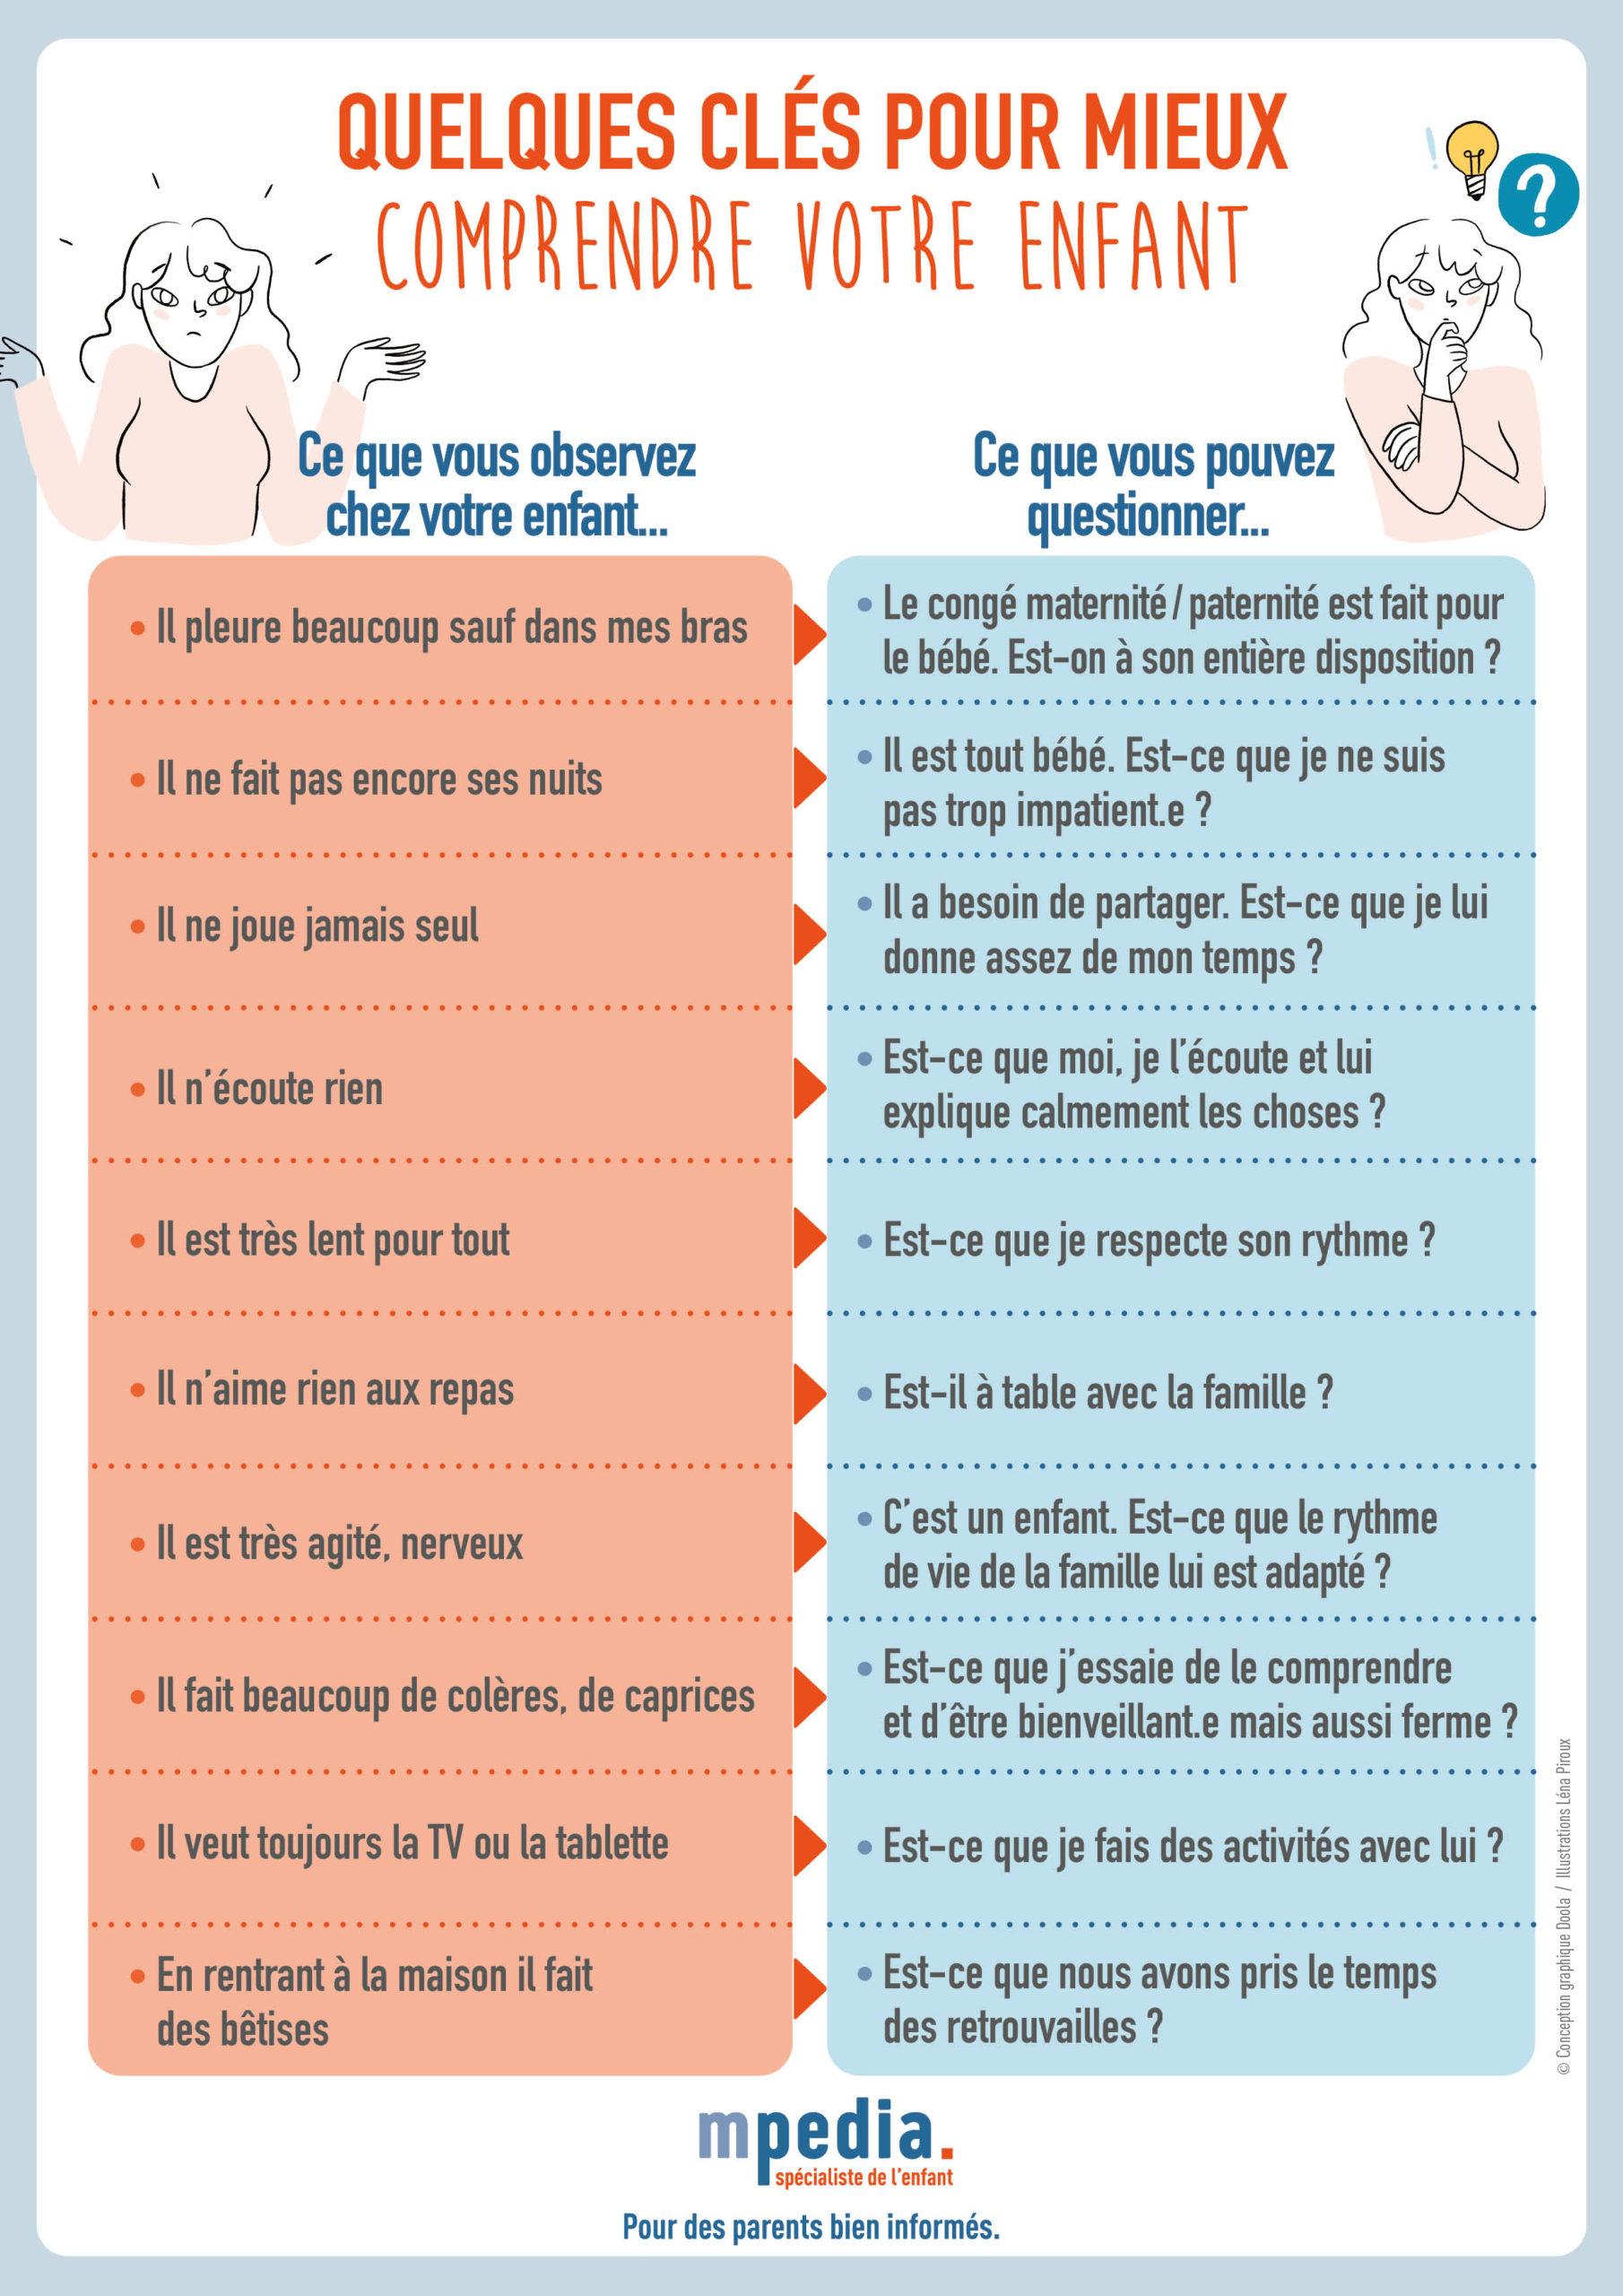 Enfant Au Comportement Turbulent Causes Et Solutions Mpedia Fr